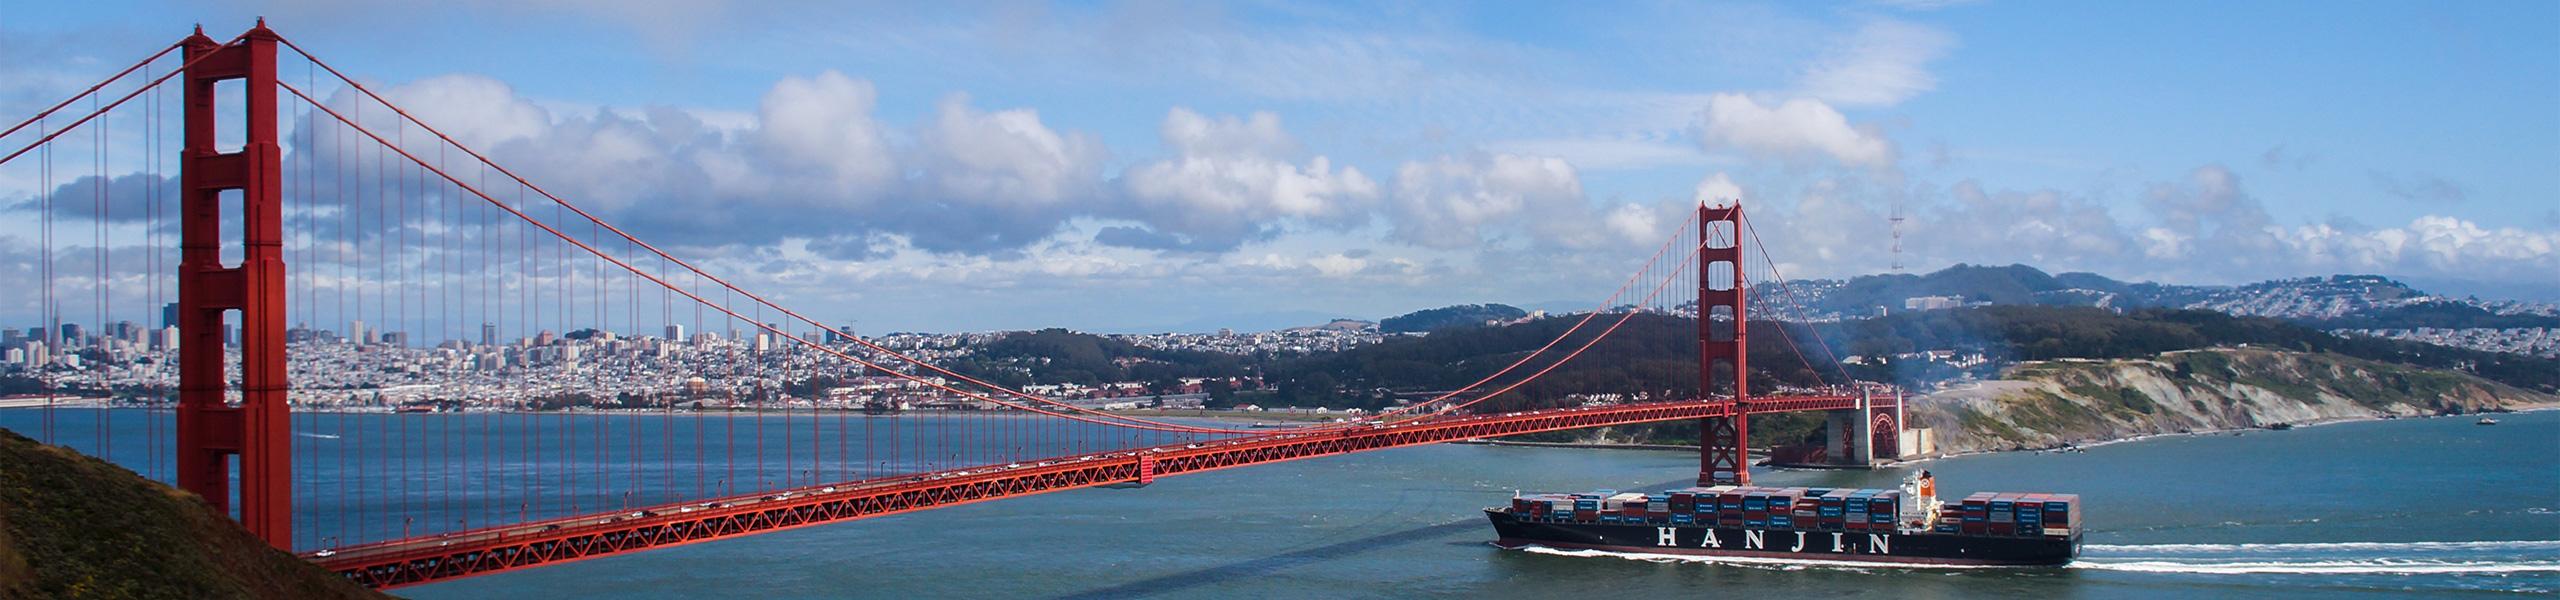 Internationale Frachtschiffreisen Pfeiffer - Frachtschiffreisen nach Gebiet